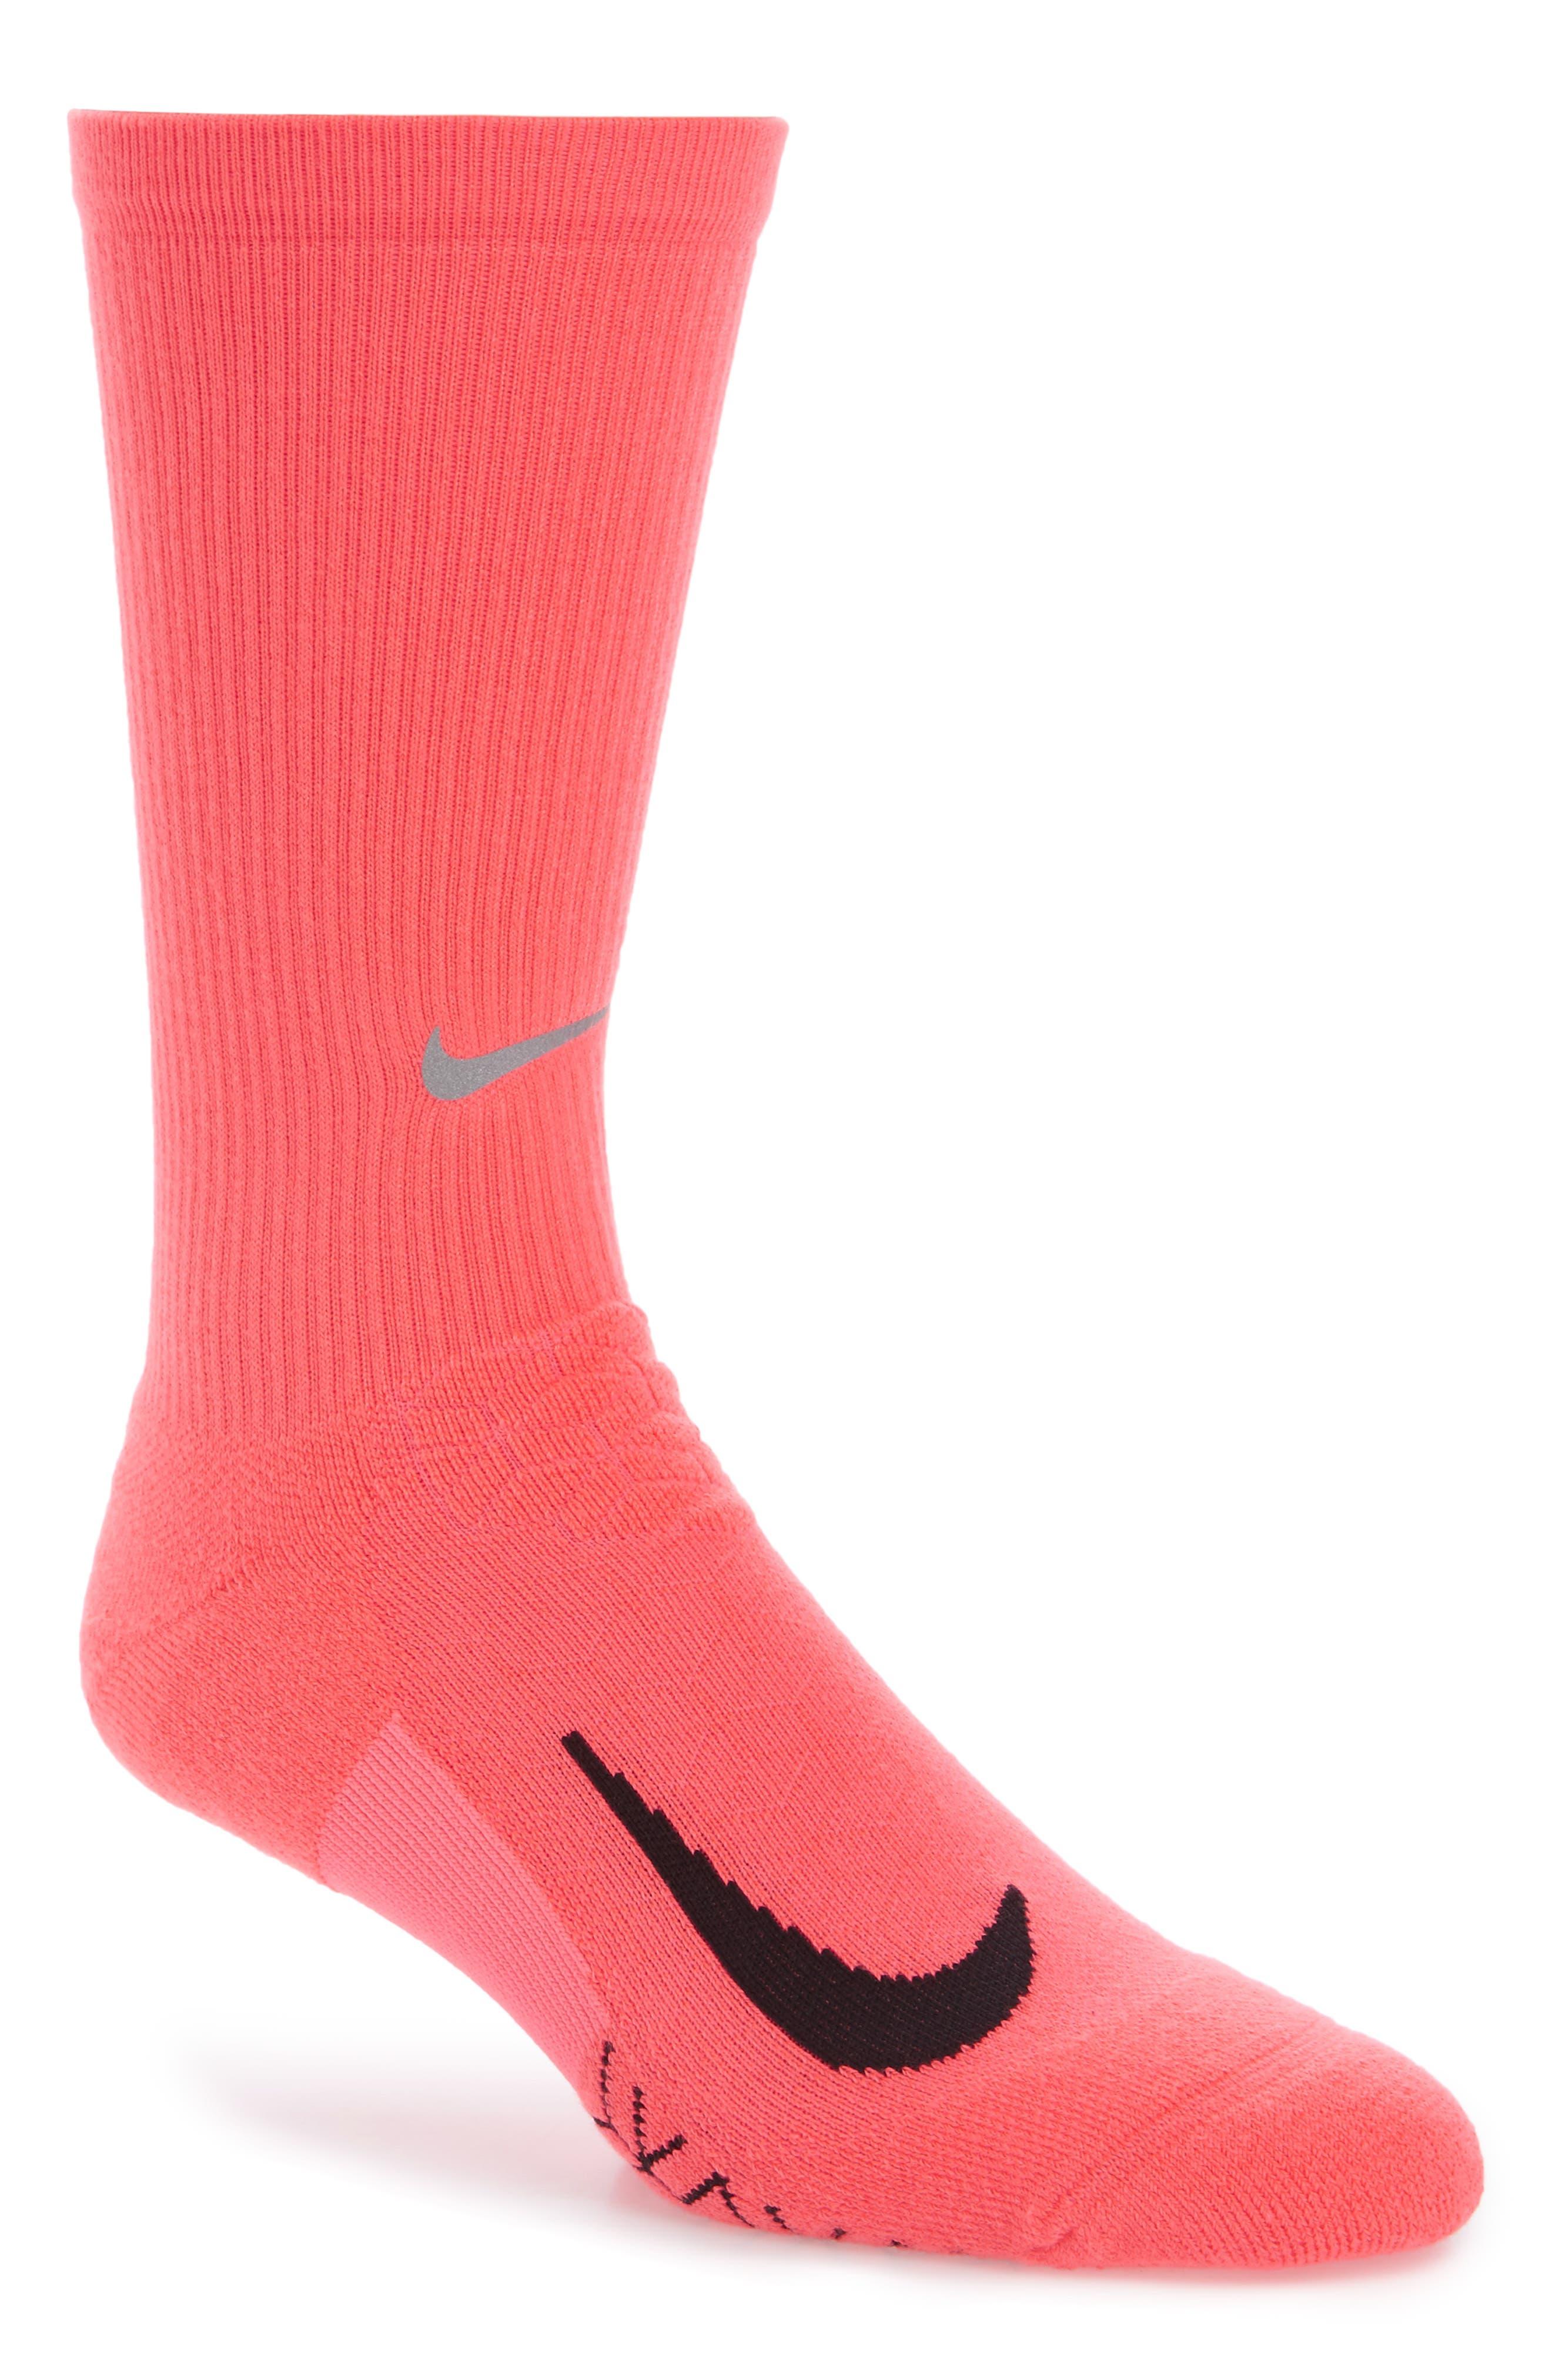 Nike Elite Running Crew Socks